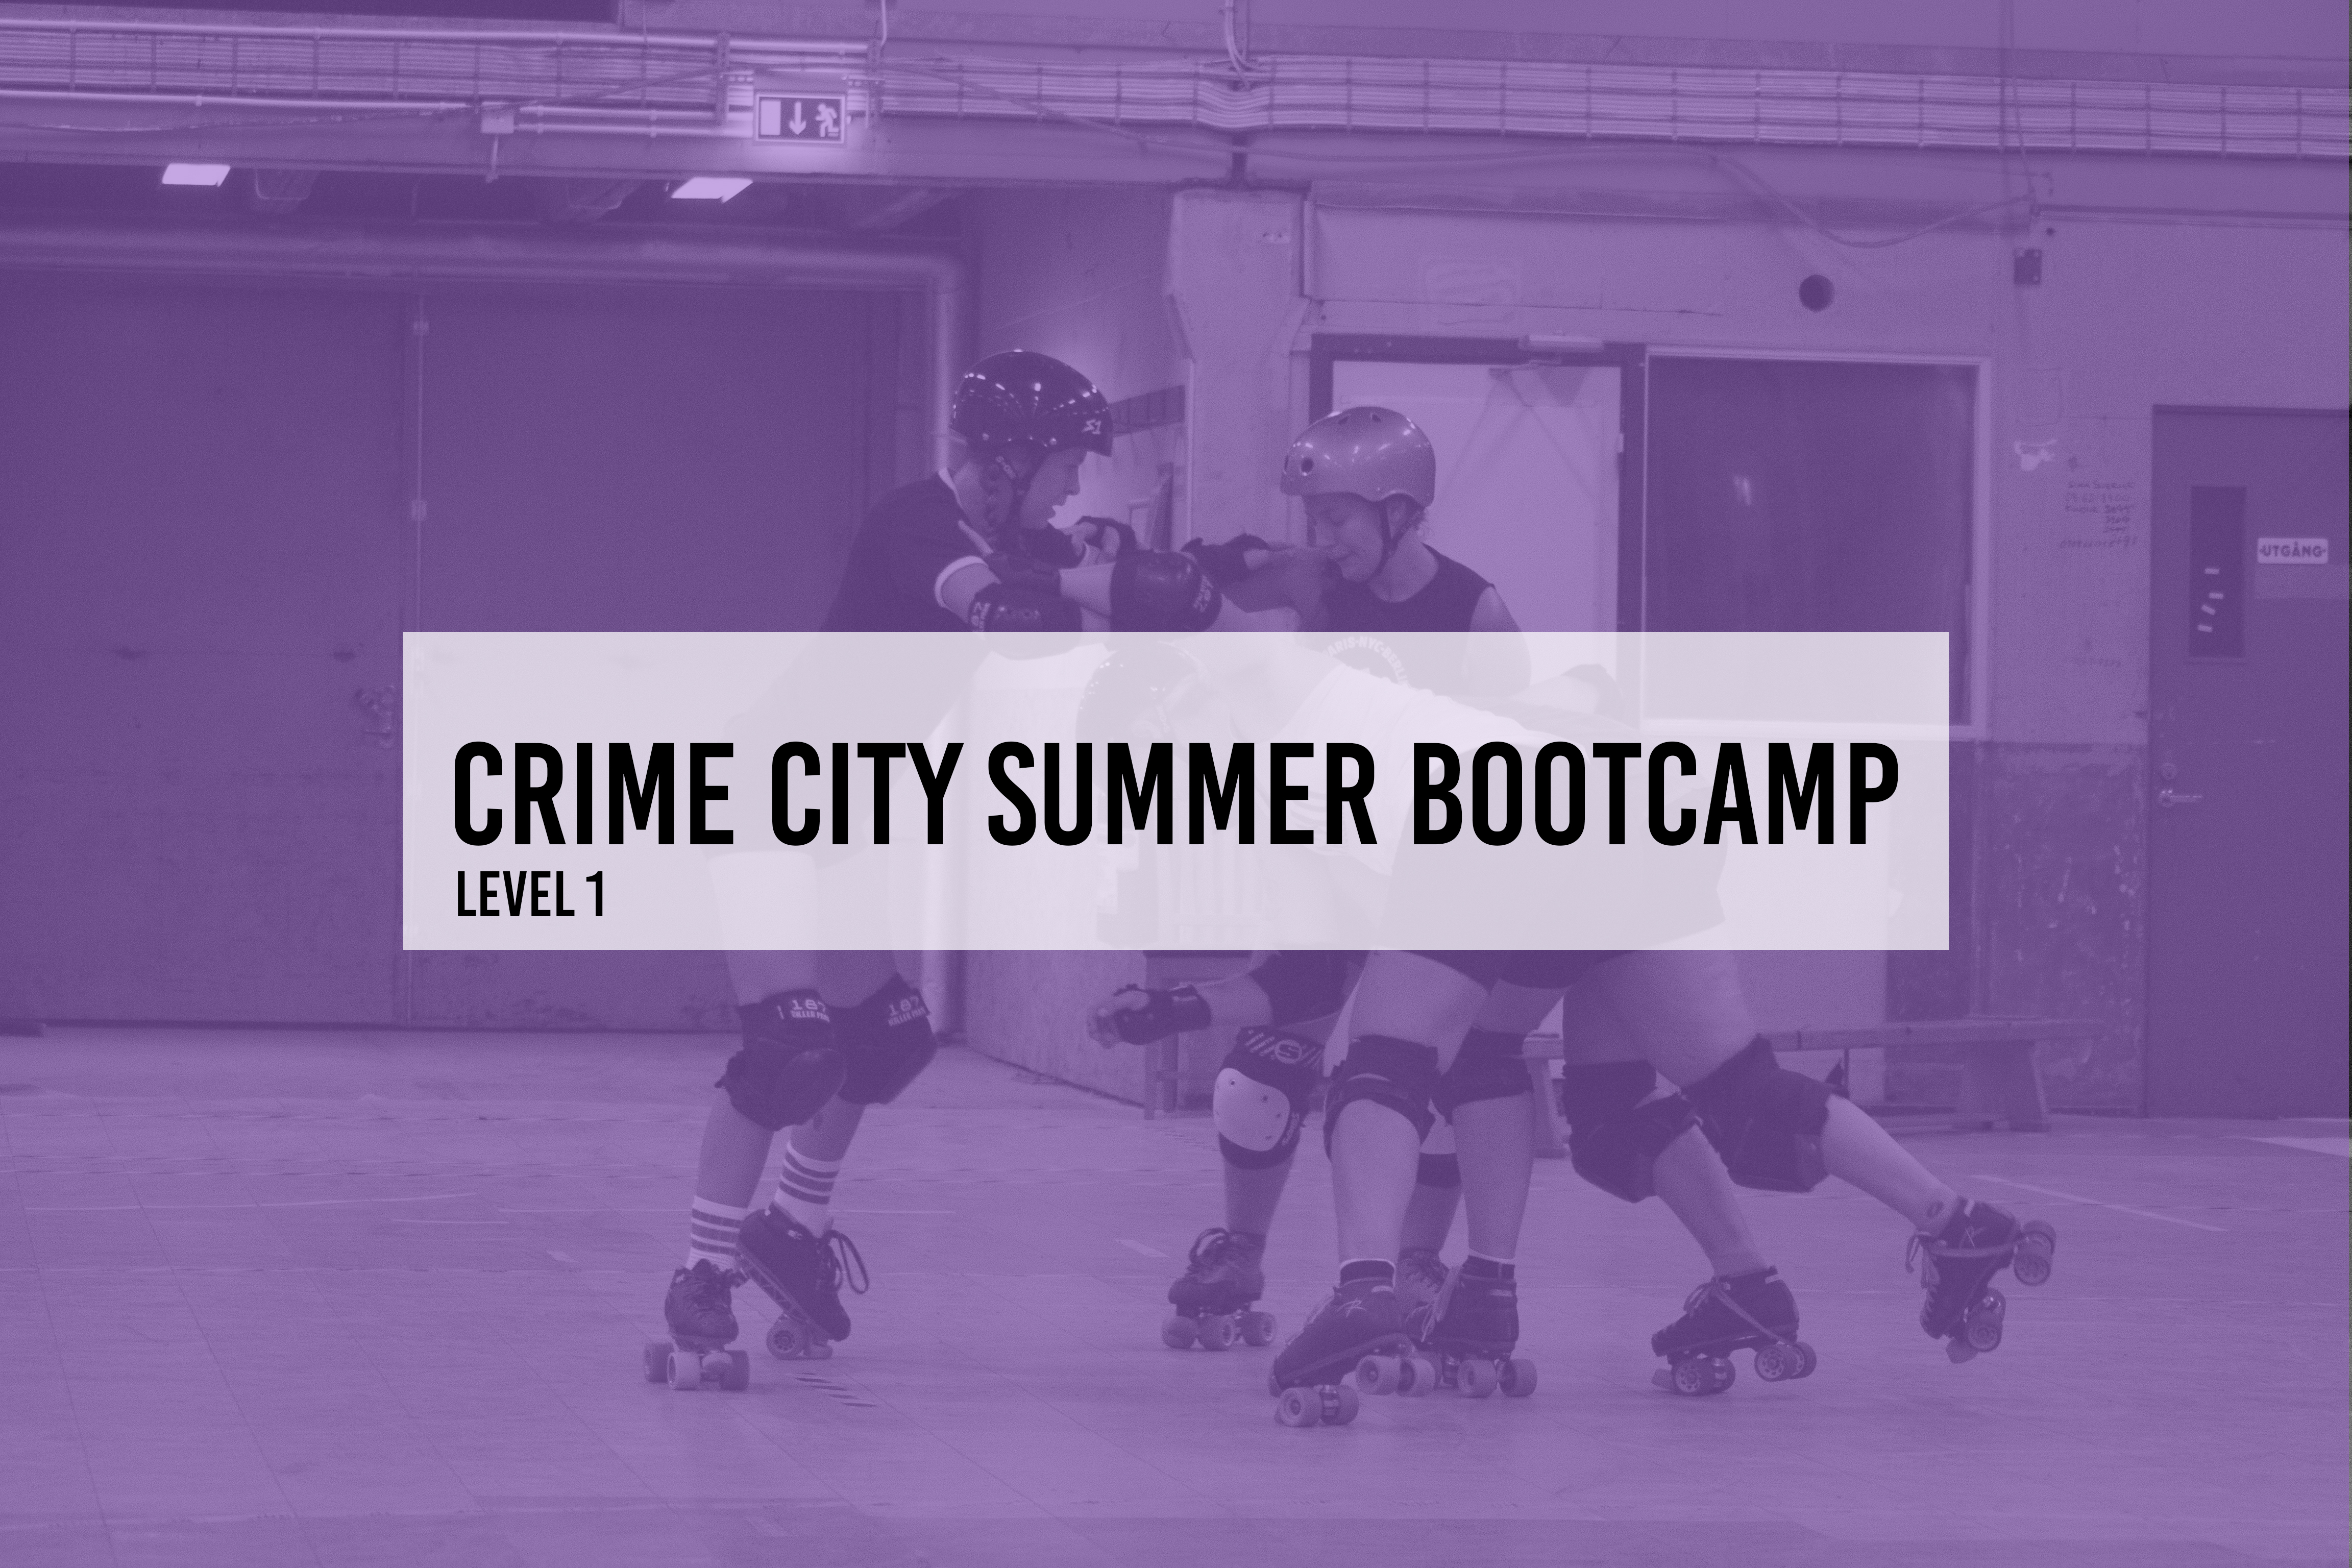 crimecitybootcamp1